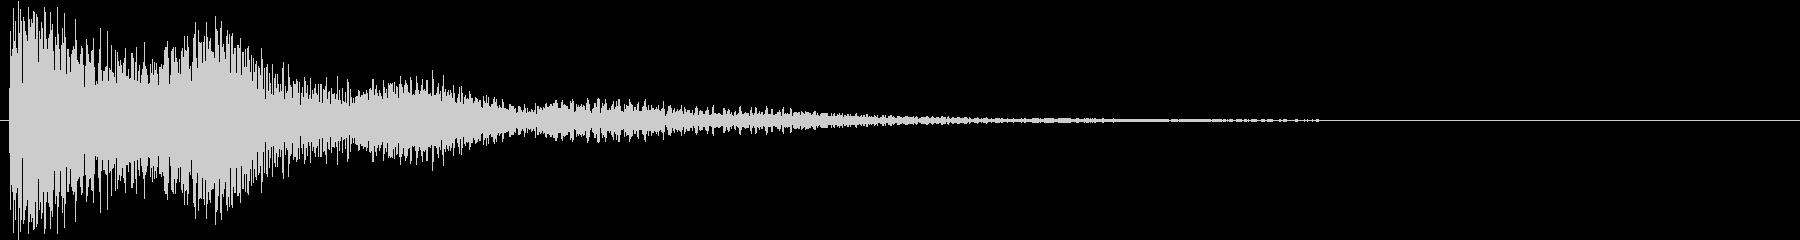 サウンドロゴ(ドワーーン)の未再生の波形